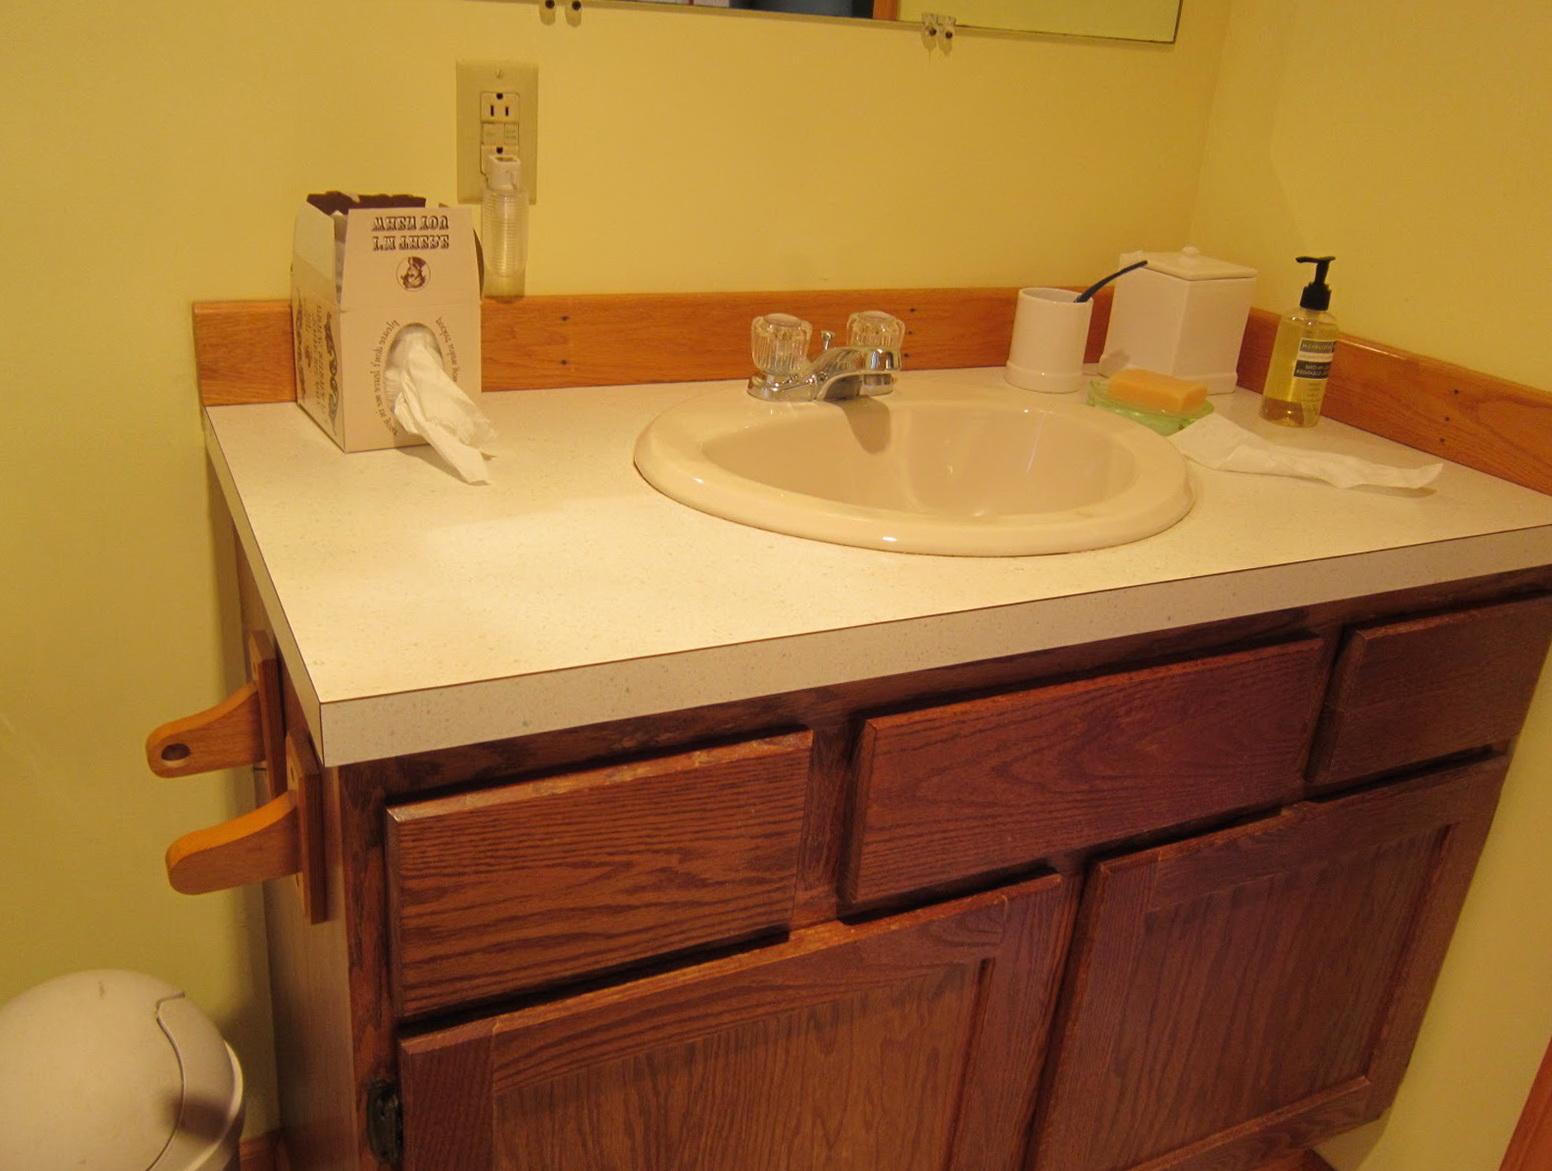 cheap bathroom vanities under 200 - Cheap Bathroom Vanities Under 200